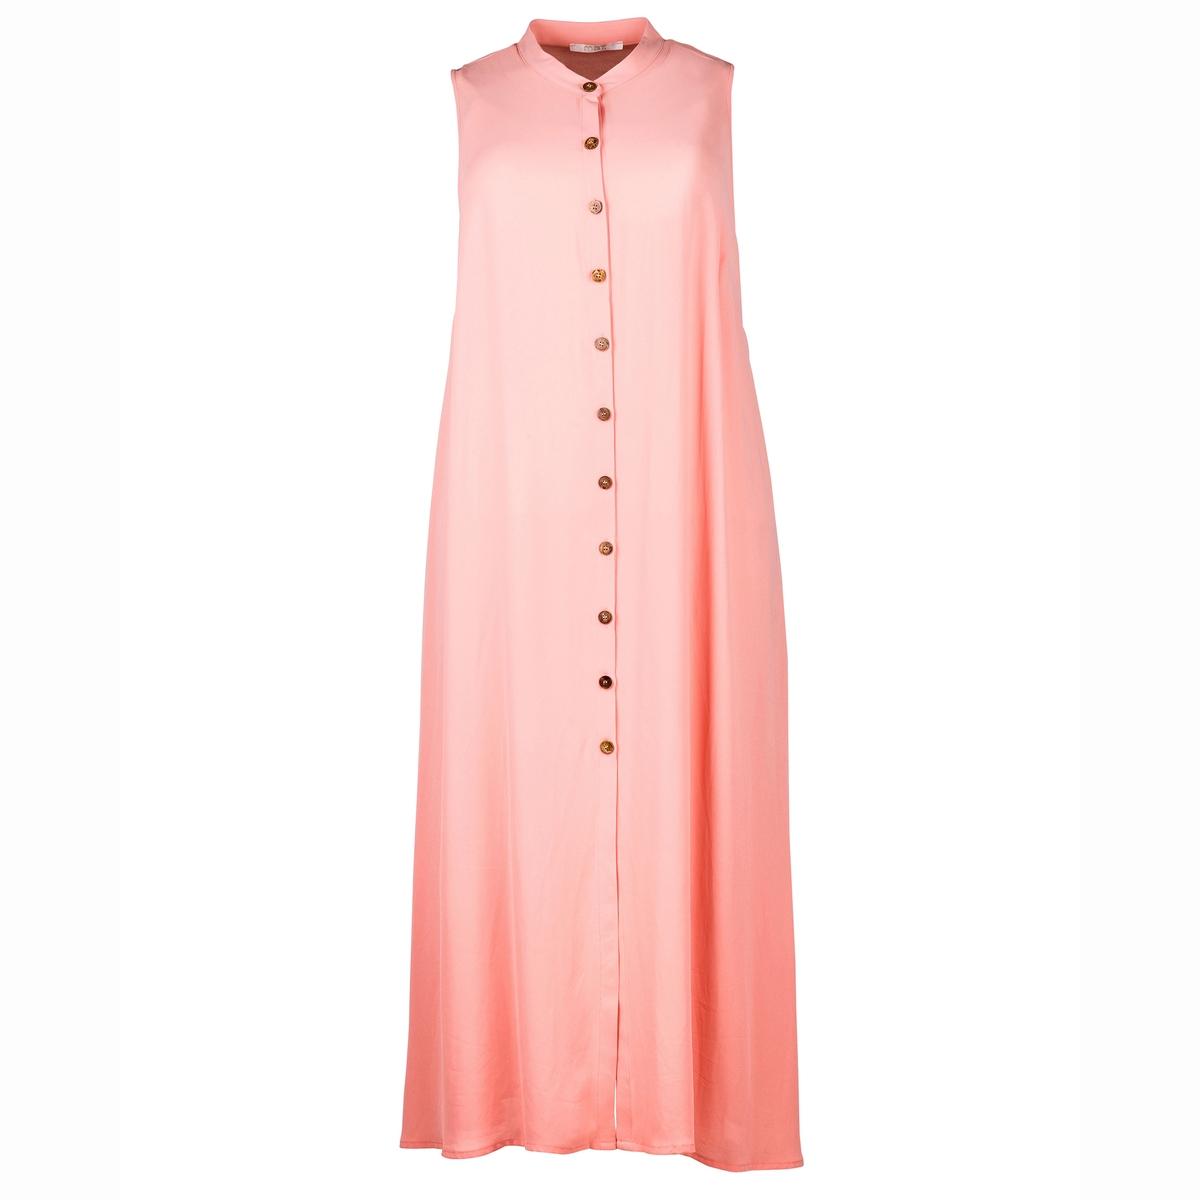 ПлатьеПлатье-рубашка MAT FASHION. Платье без рукавов из монохромной струящейся ткани. 100% полиэстера<br><br>Цвет: коралловый<br>Размер: 50/54.44/48